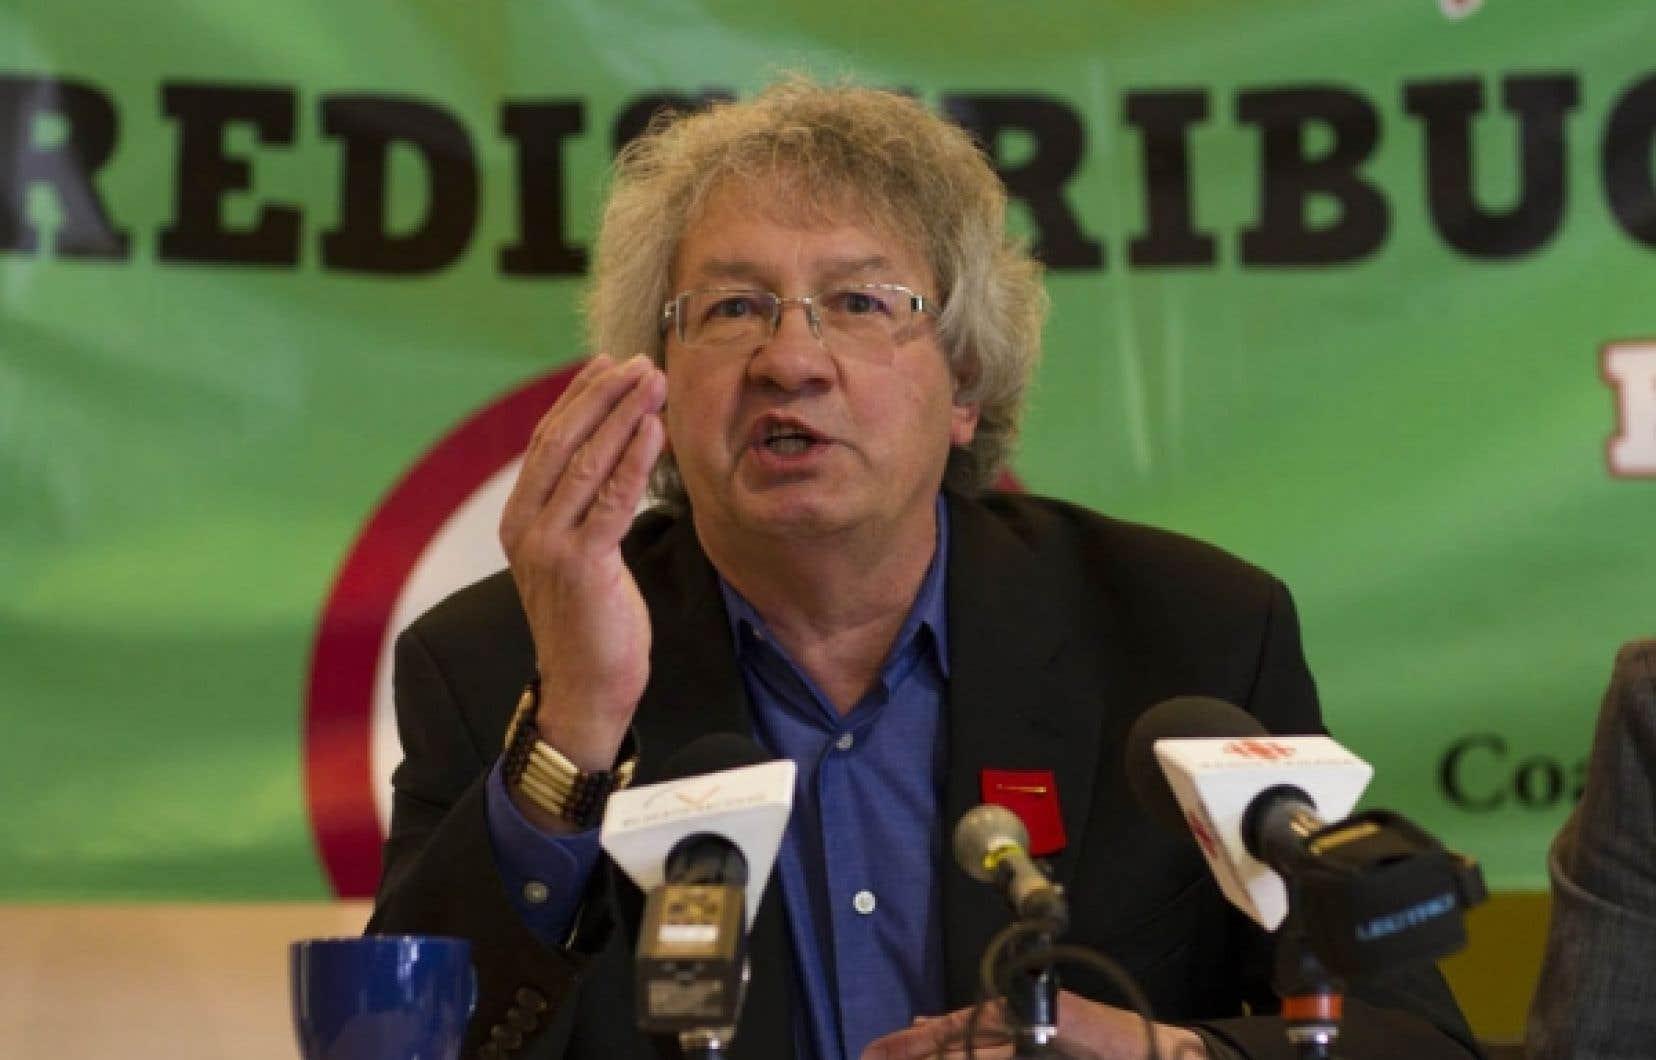 François Saillant a donné son appui aux étudiants opposés à la hausse des droits de scolarité l'automne denier. <br />